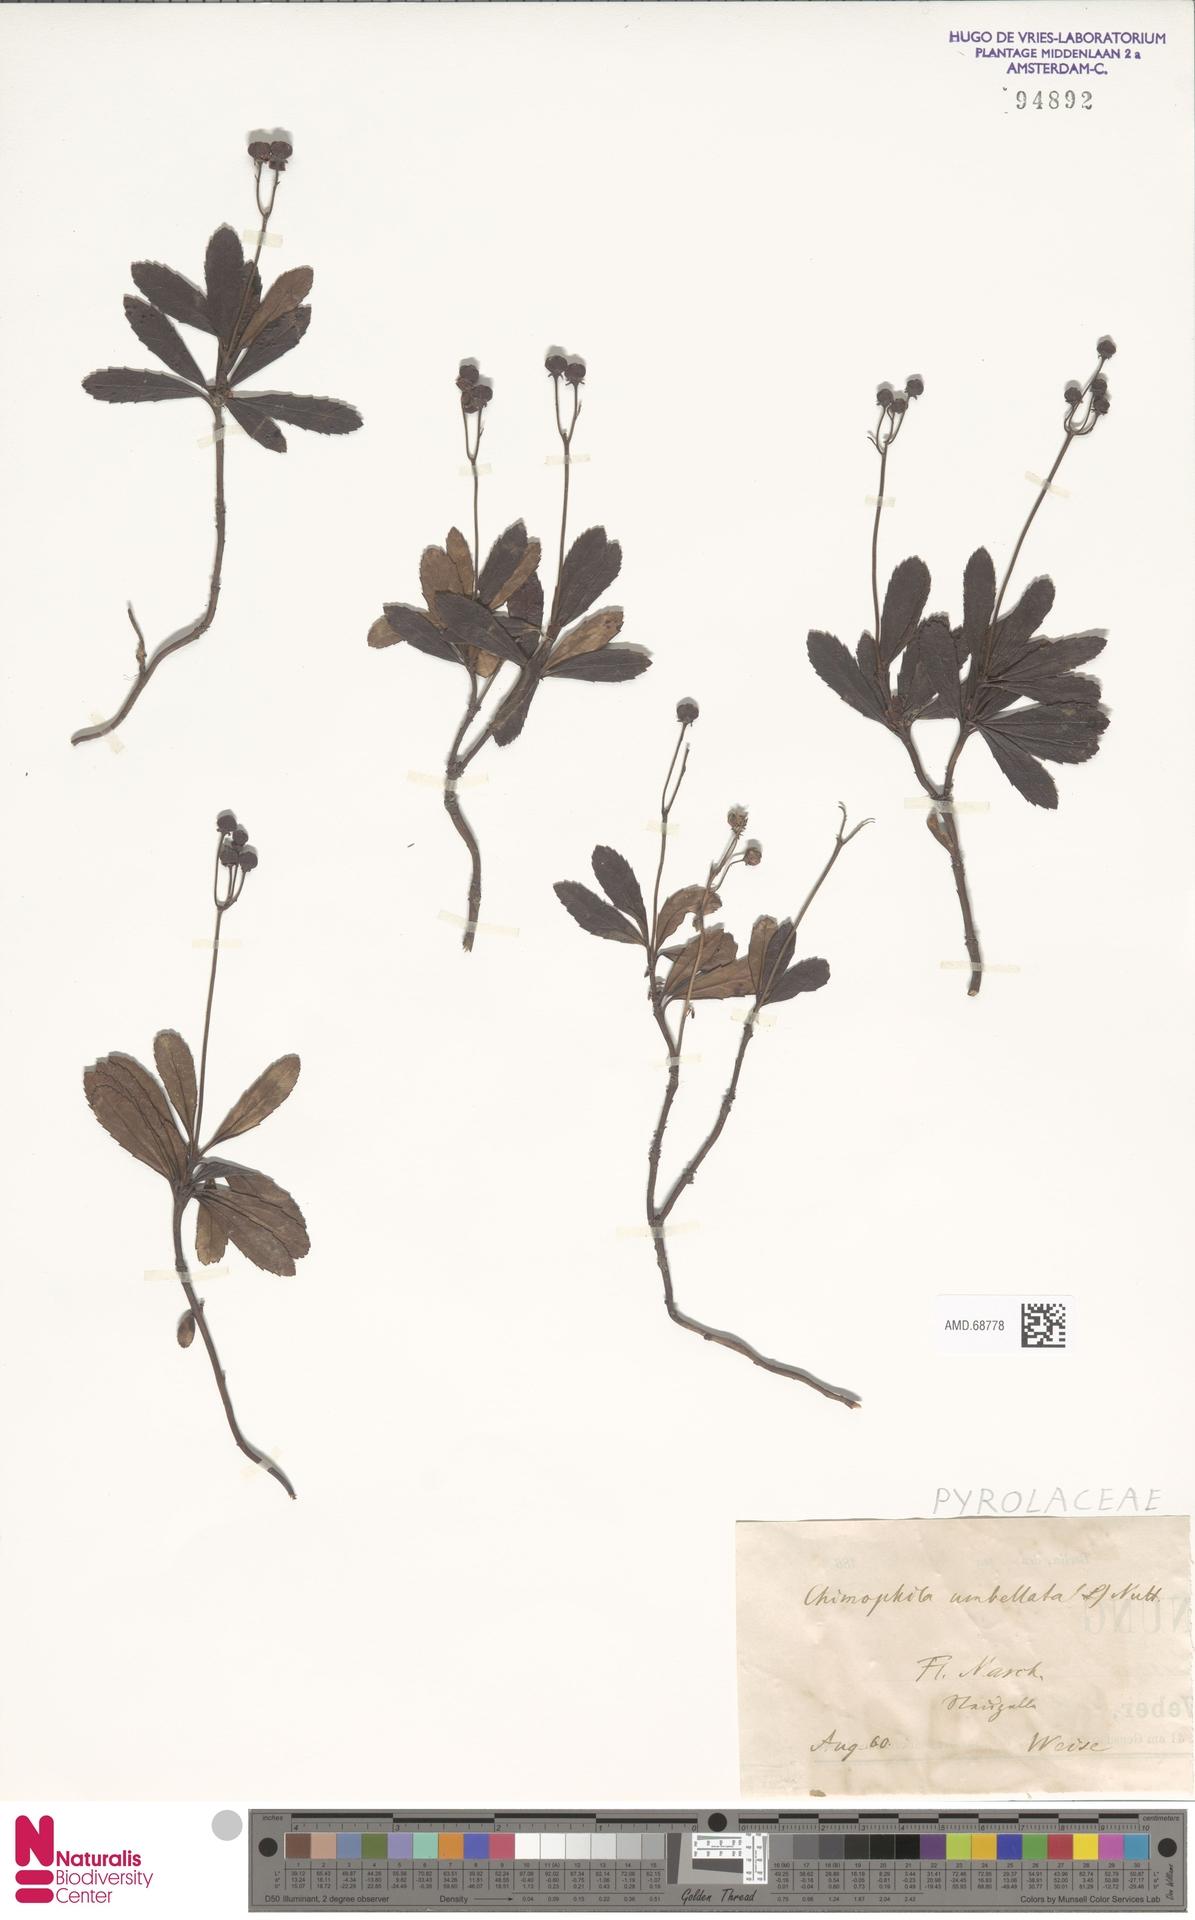 AMD.68778 | Chimaphila umbellata (L.) W.C.Barton